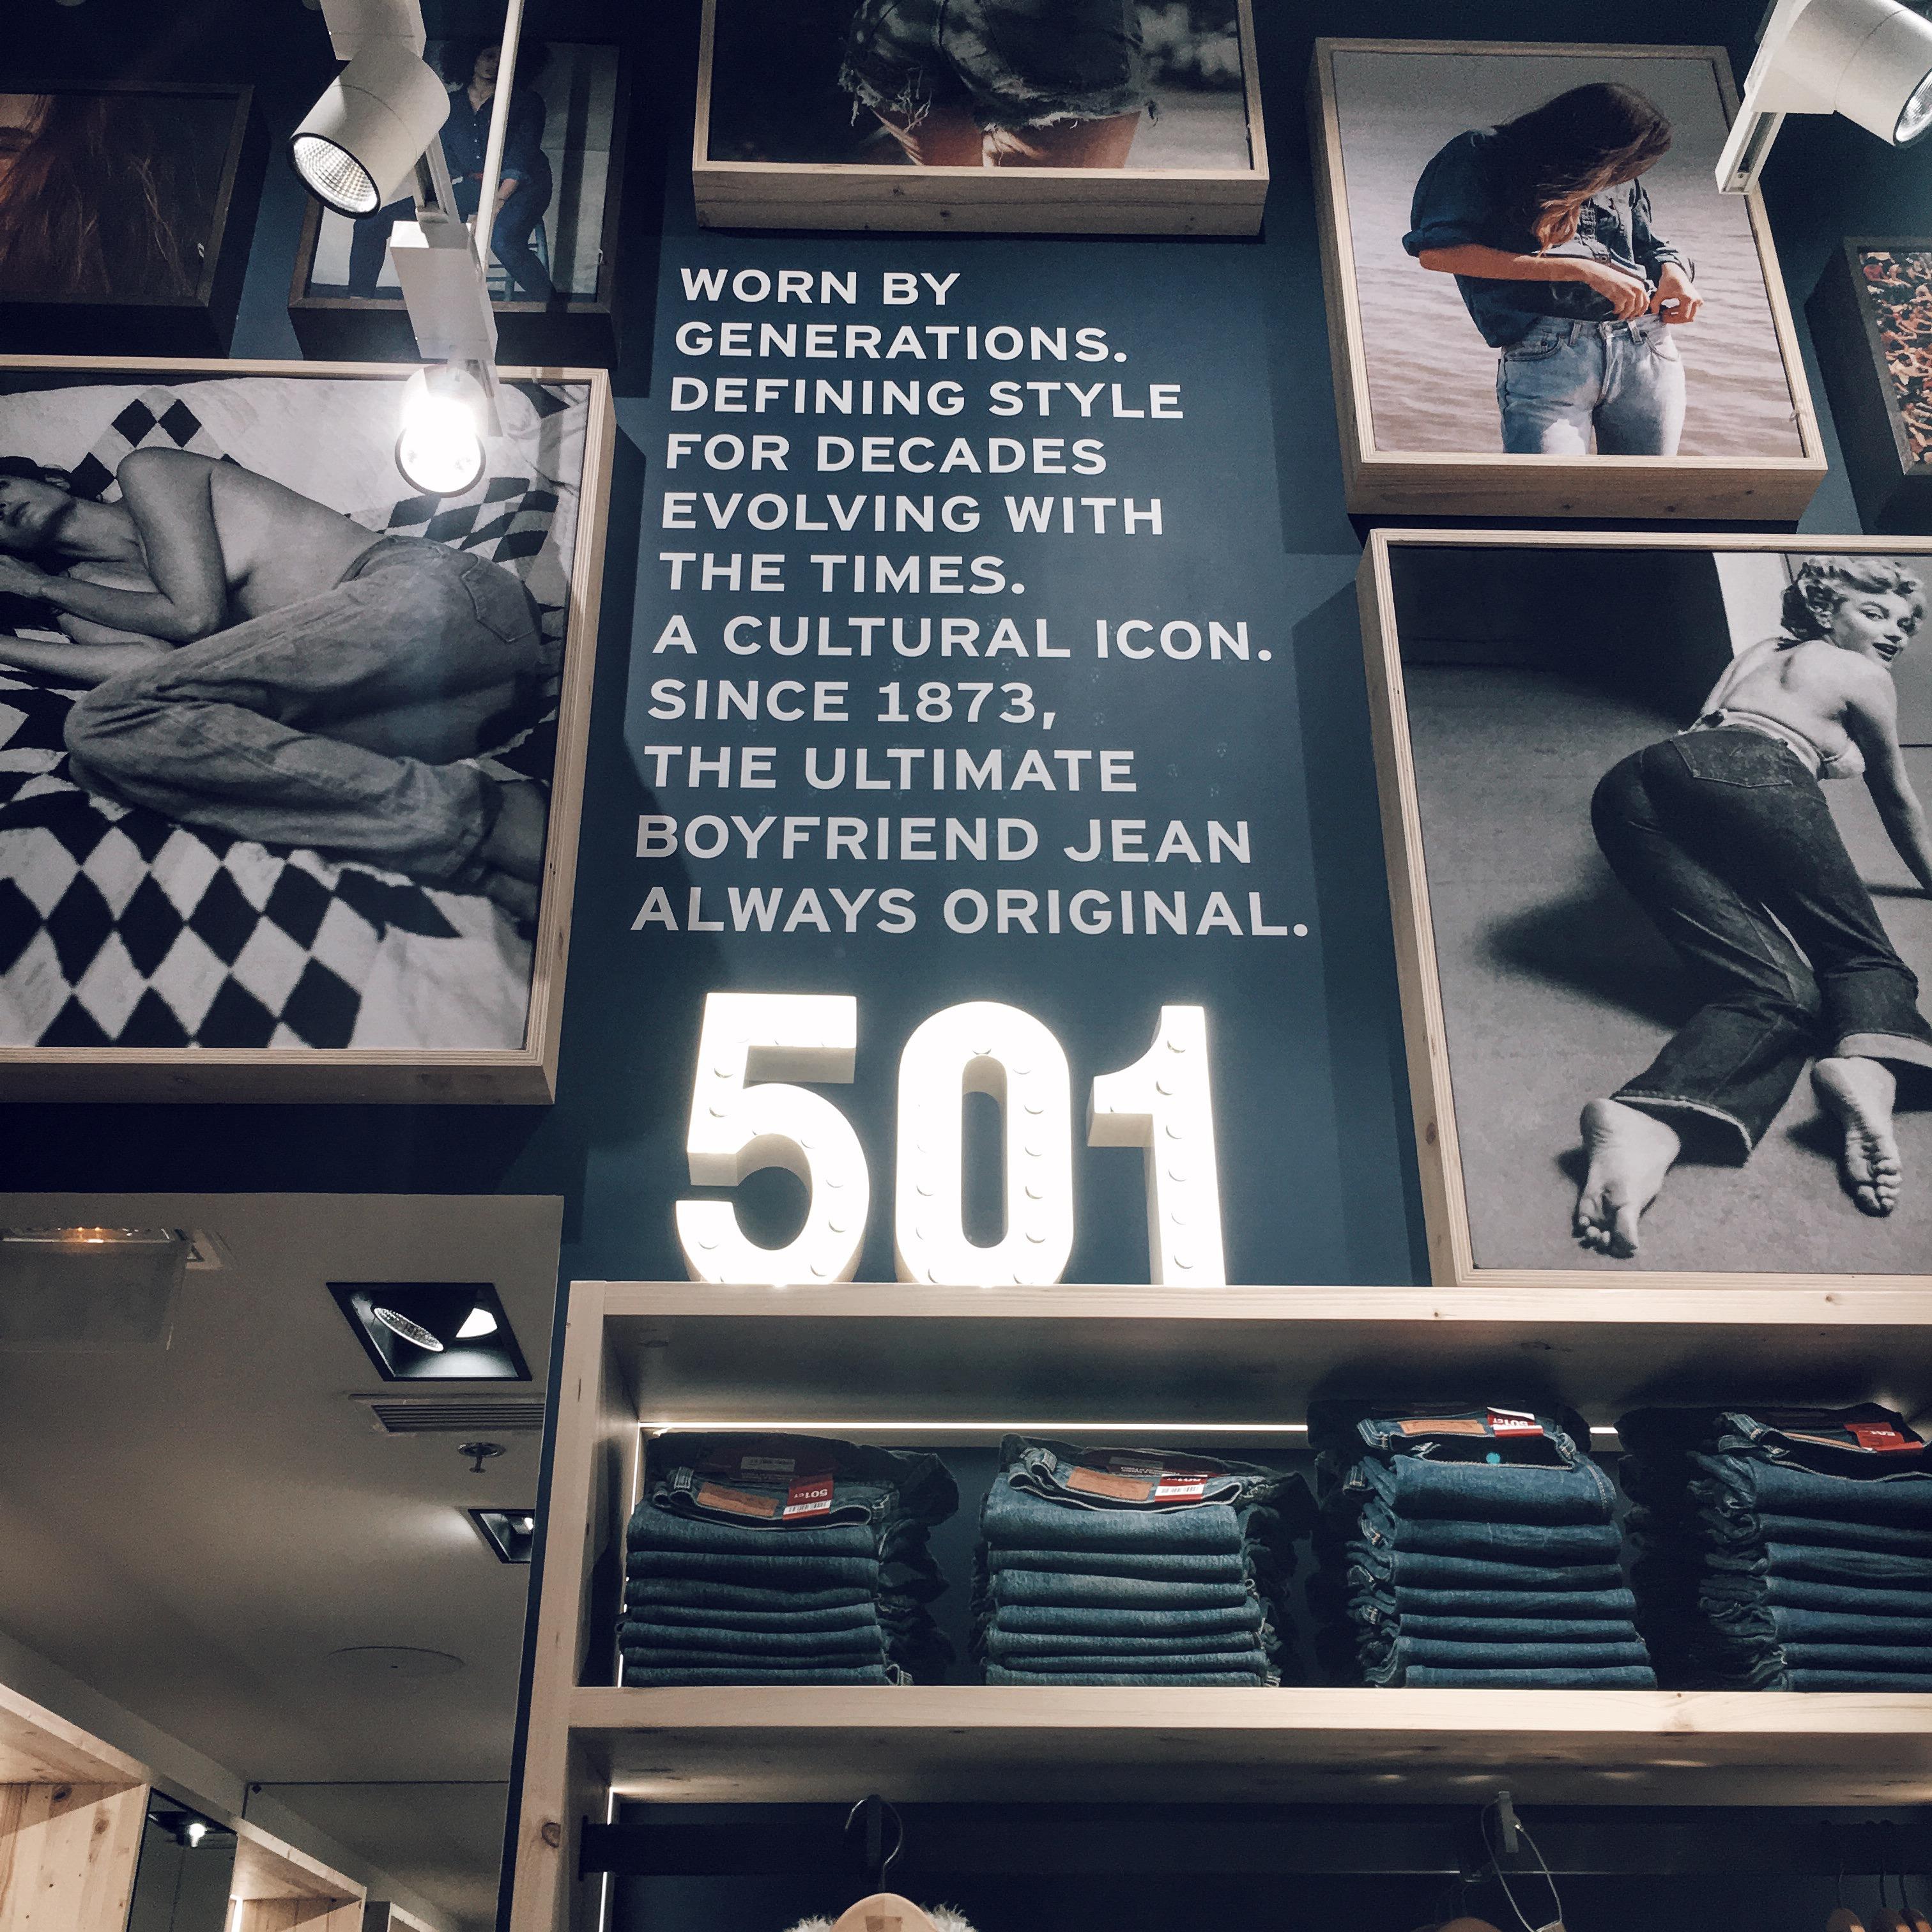 levis-jean-denim-boutique-nice-femme